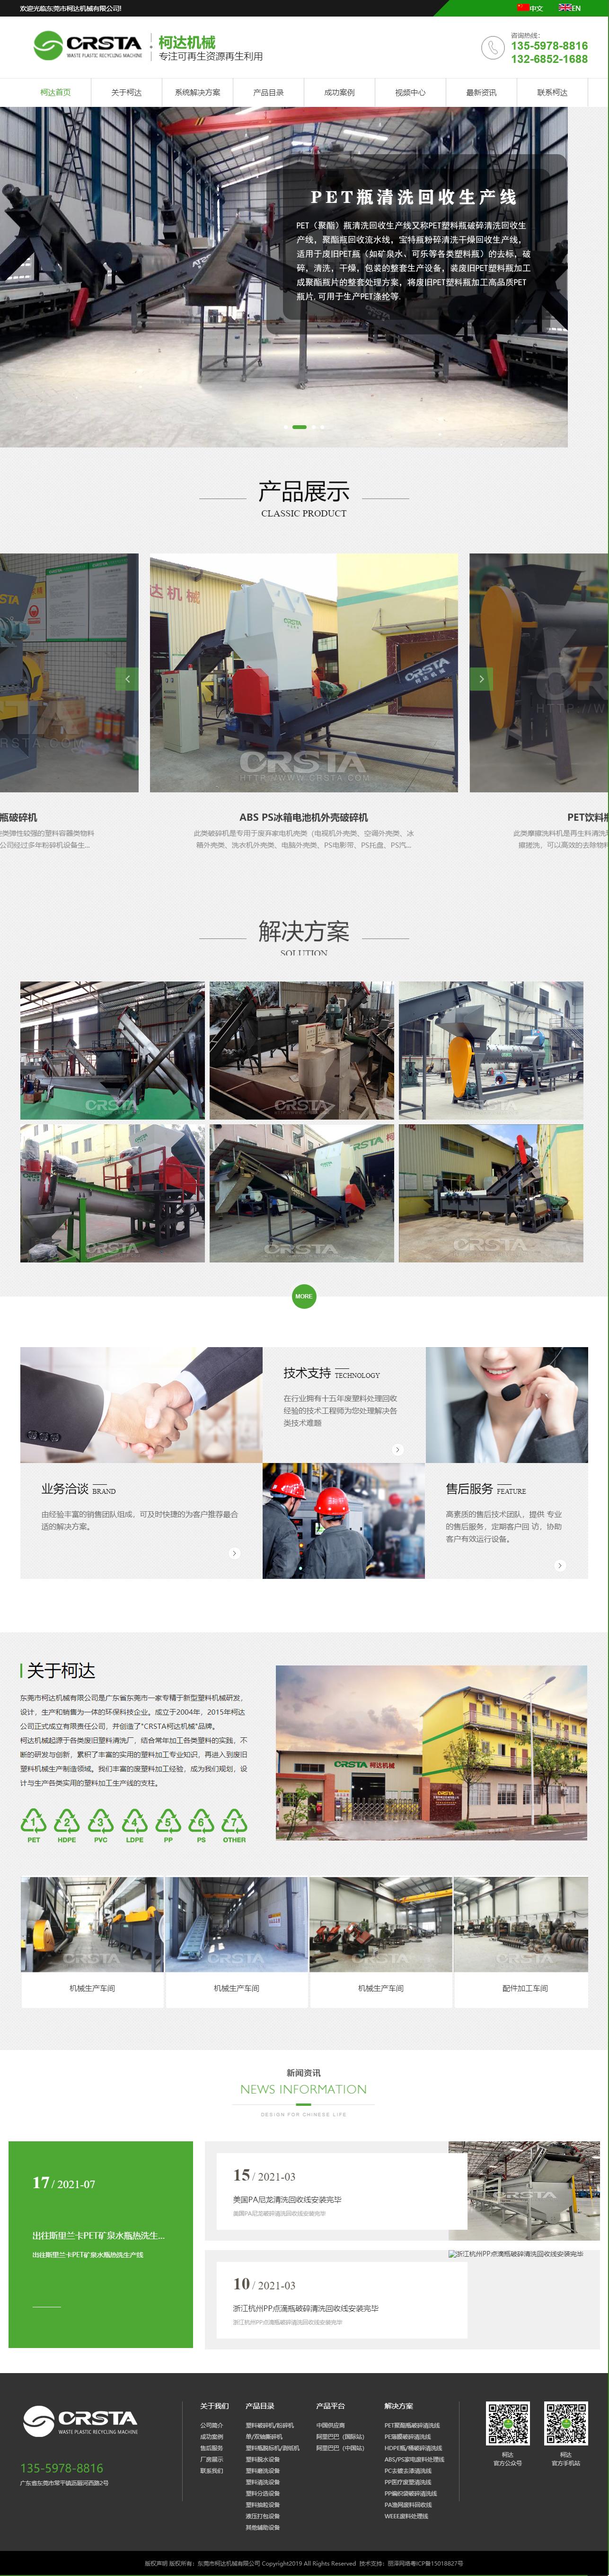 东莞市柯达机械有限公司网站案例